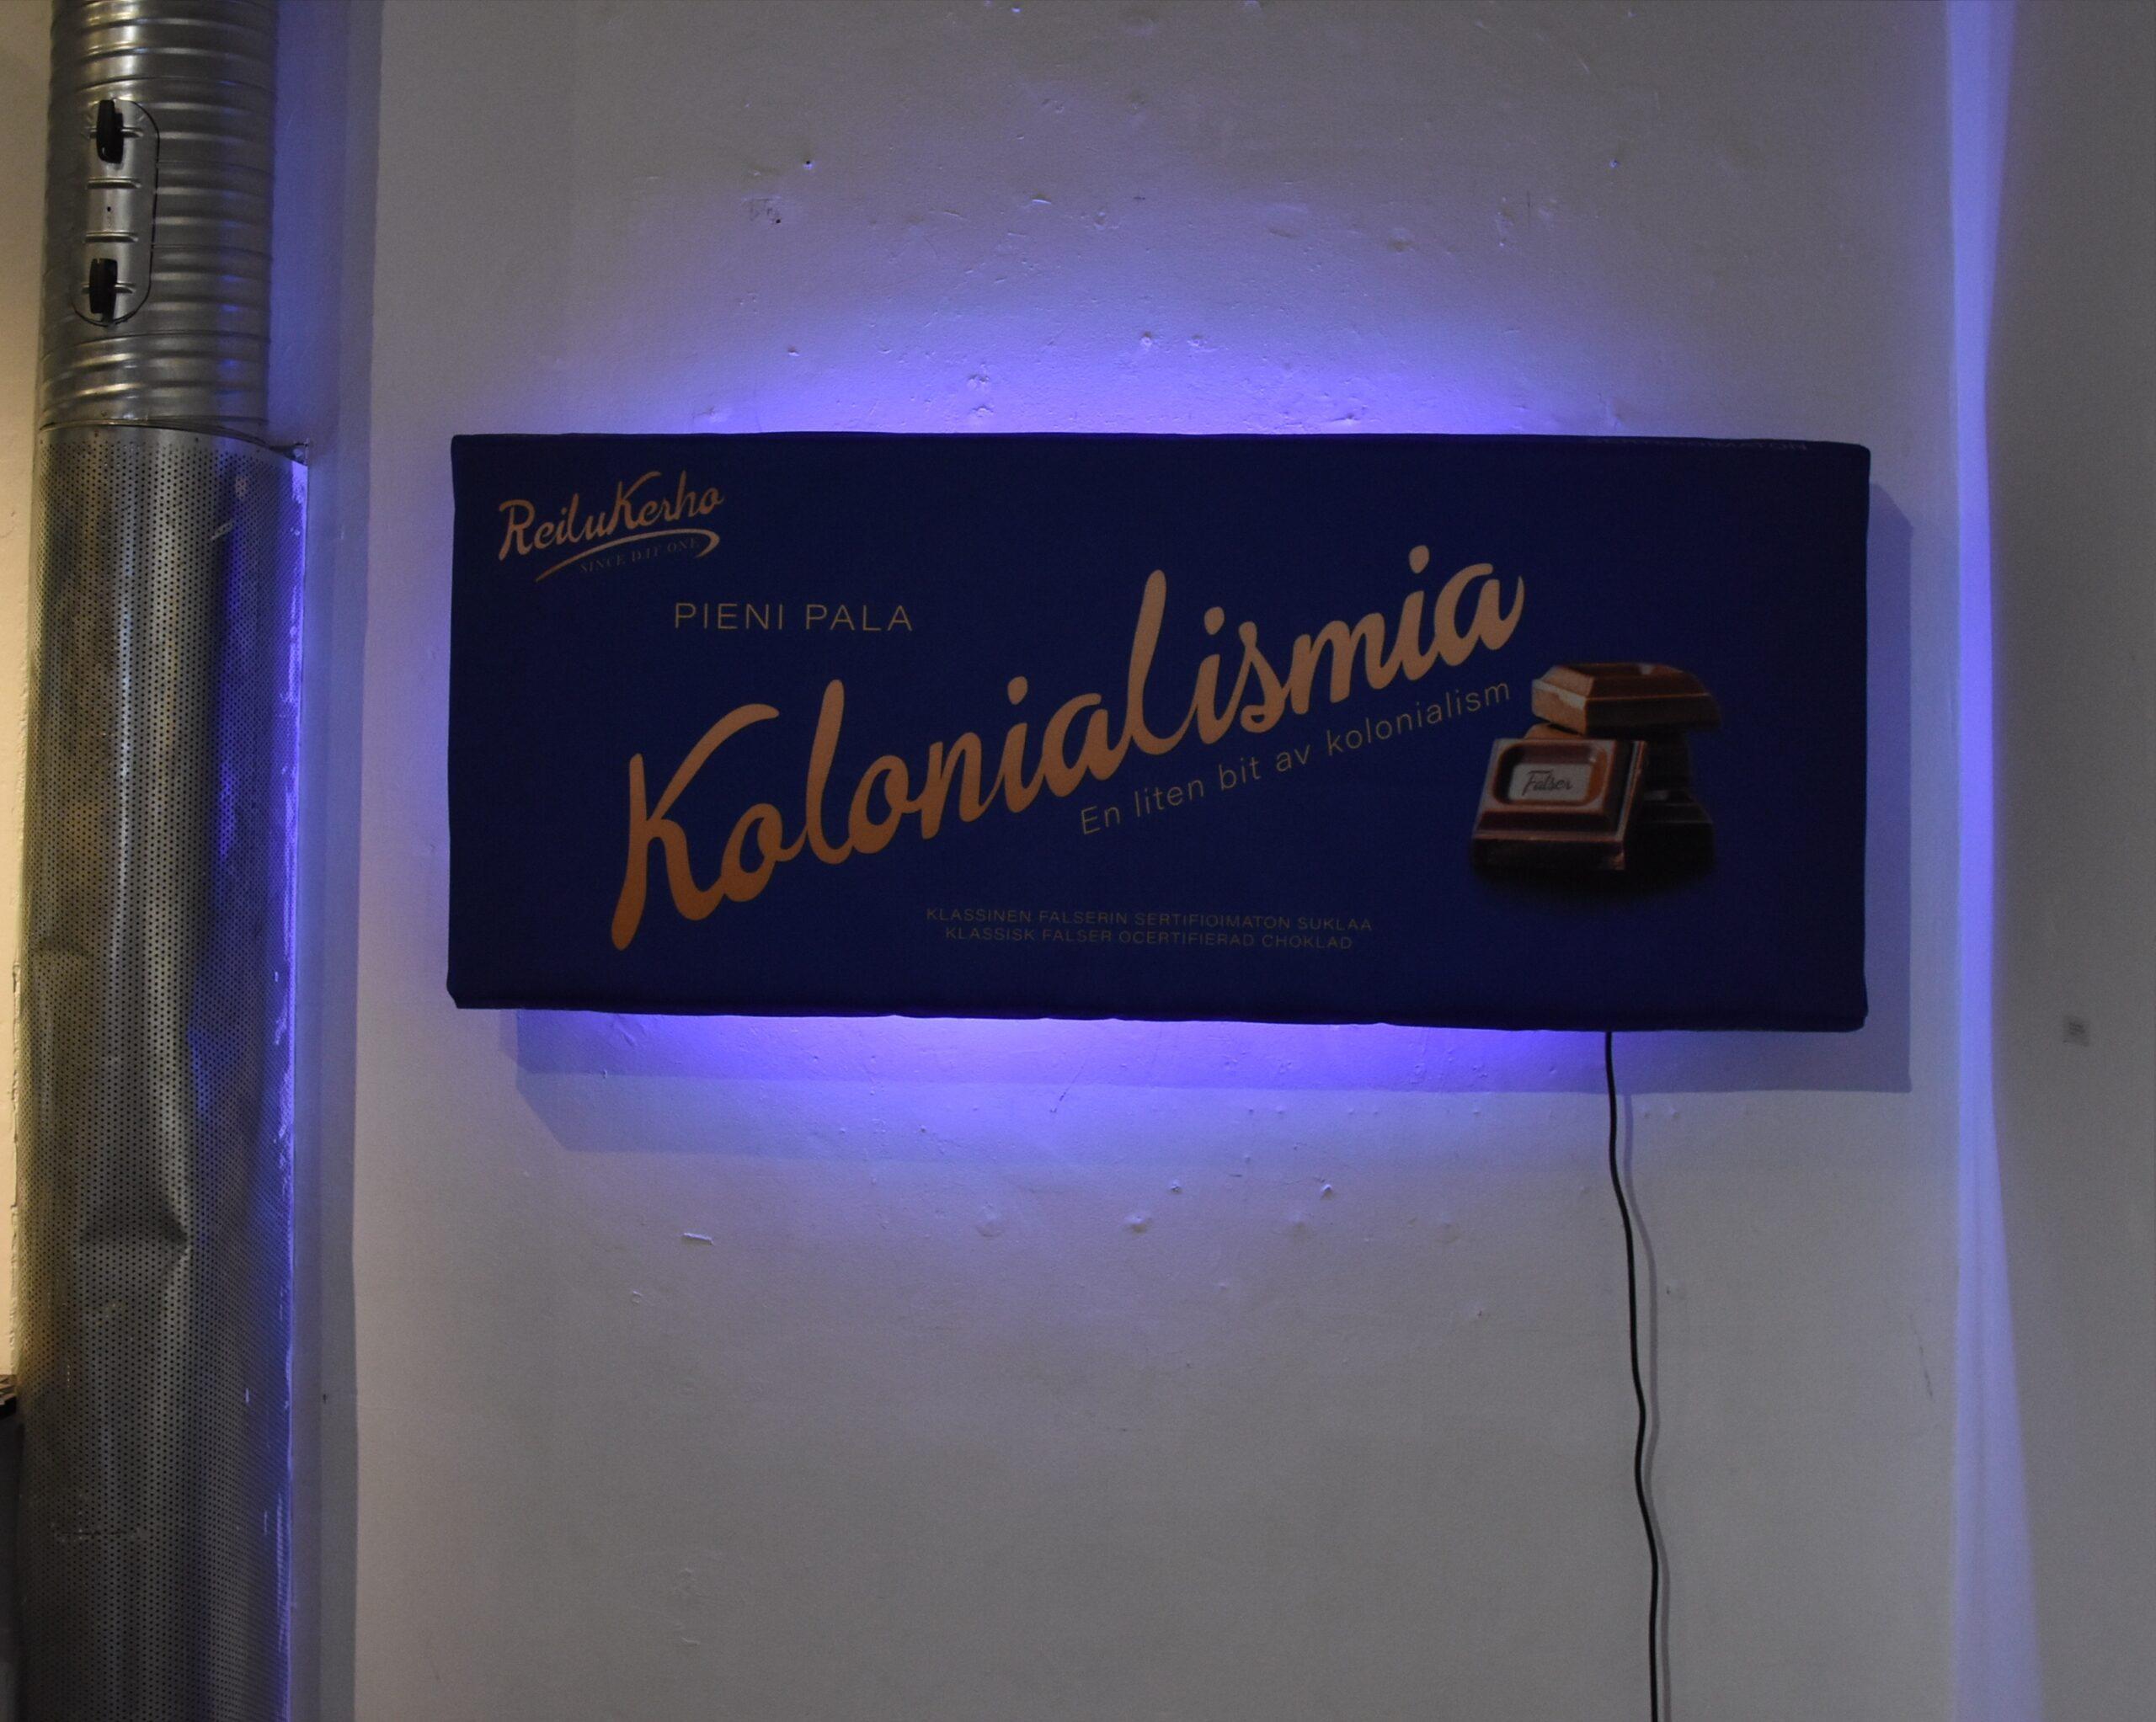 """Häiriköt järjesti näyttelyn Helsingin Kaapelitehtaalla järjestetyt media-, taide- ja kulttuurialat yhteen tuoneessa Lift-tapahtumassa. Tämän teoksen saatteeseen kirjoitin muun muassa seuraavan huomion: """"Suomen juhliessa 100-vuotista itsenäisyyttään ilmoitti Fazer sinisten suklaalevyjensä kääreissä, että kyseinen levy on 'Pieni pala suomalaisuutta'. Tämä linjaus oli röyhkeä, mutta hyvinkin mahdollisesti totta. Onhan kyseessä yksi ikonisimmista suomalaisista tuotteista. Mikäli hyväksymme ajatuksen suklaalevystä suomalaisuuden ytimessä, joudumme kasvotusten myös kolonialismin kanssa. Kuten tunnettua, Suomessa ei tuoteta kaakaopapuja ja tuo suomalaisuuden palan tärkein ainesosa tuodaan meille globaalista Etelästä. Onkin tärkeää ymmärtää, että meidän vauras elämäntapamme perustuu suomalaisen sisun, ahkeran työvoiman ja viisaan pääoman ohella myös halpatyövoimaan ja halpoihin raaka-aineisiin. Näitä raaka-aineita on rahdattu meille muun muassa entisistä siirtomaista ehdoilla, jotka eivät täytä määritelmää 'reilu' millään muotoa."""" Lisää aiheesta täällä."""